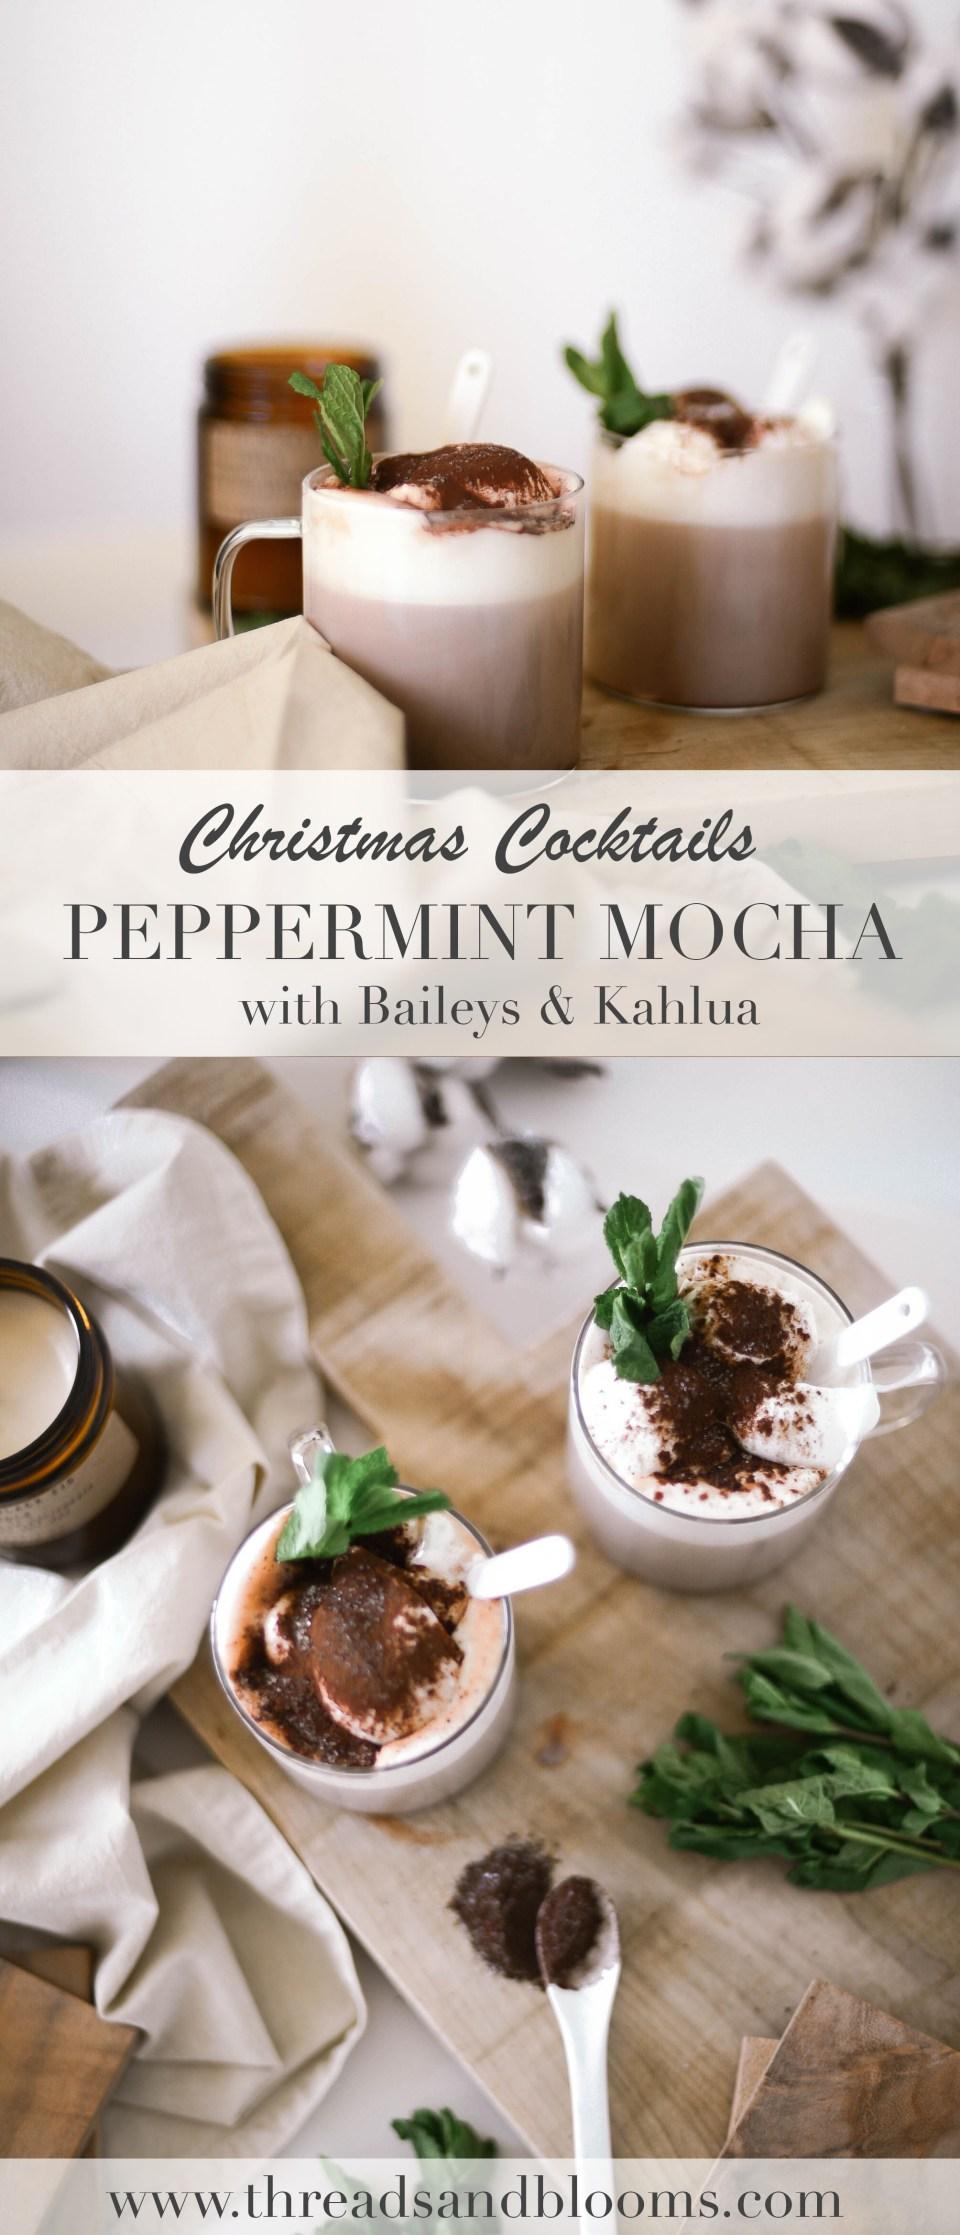 Christmas Cocktails using Kahlua and Baileys - the Peppermint Mocha